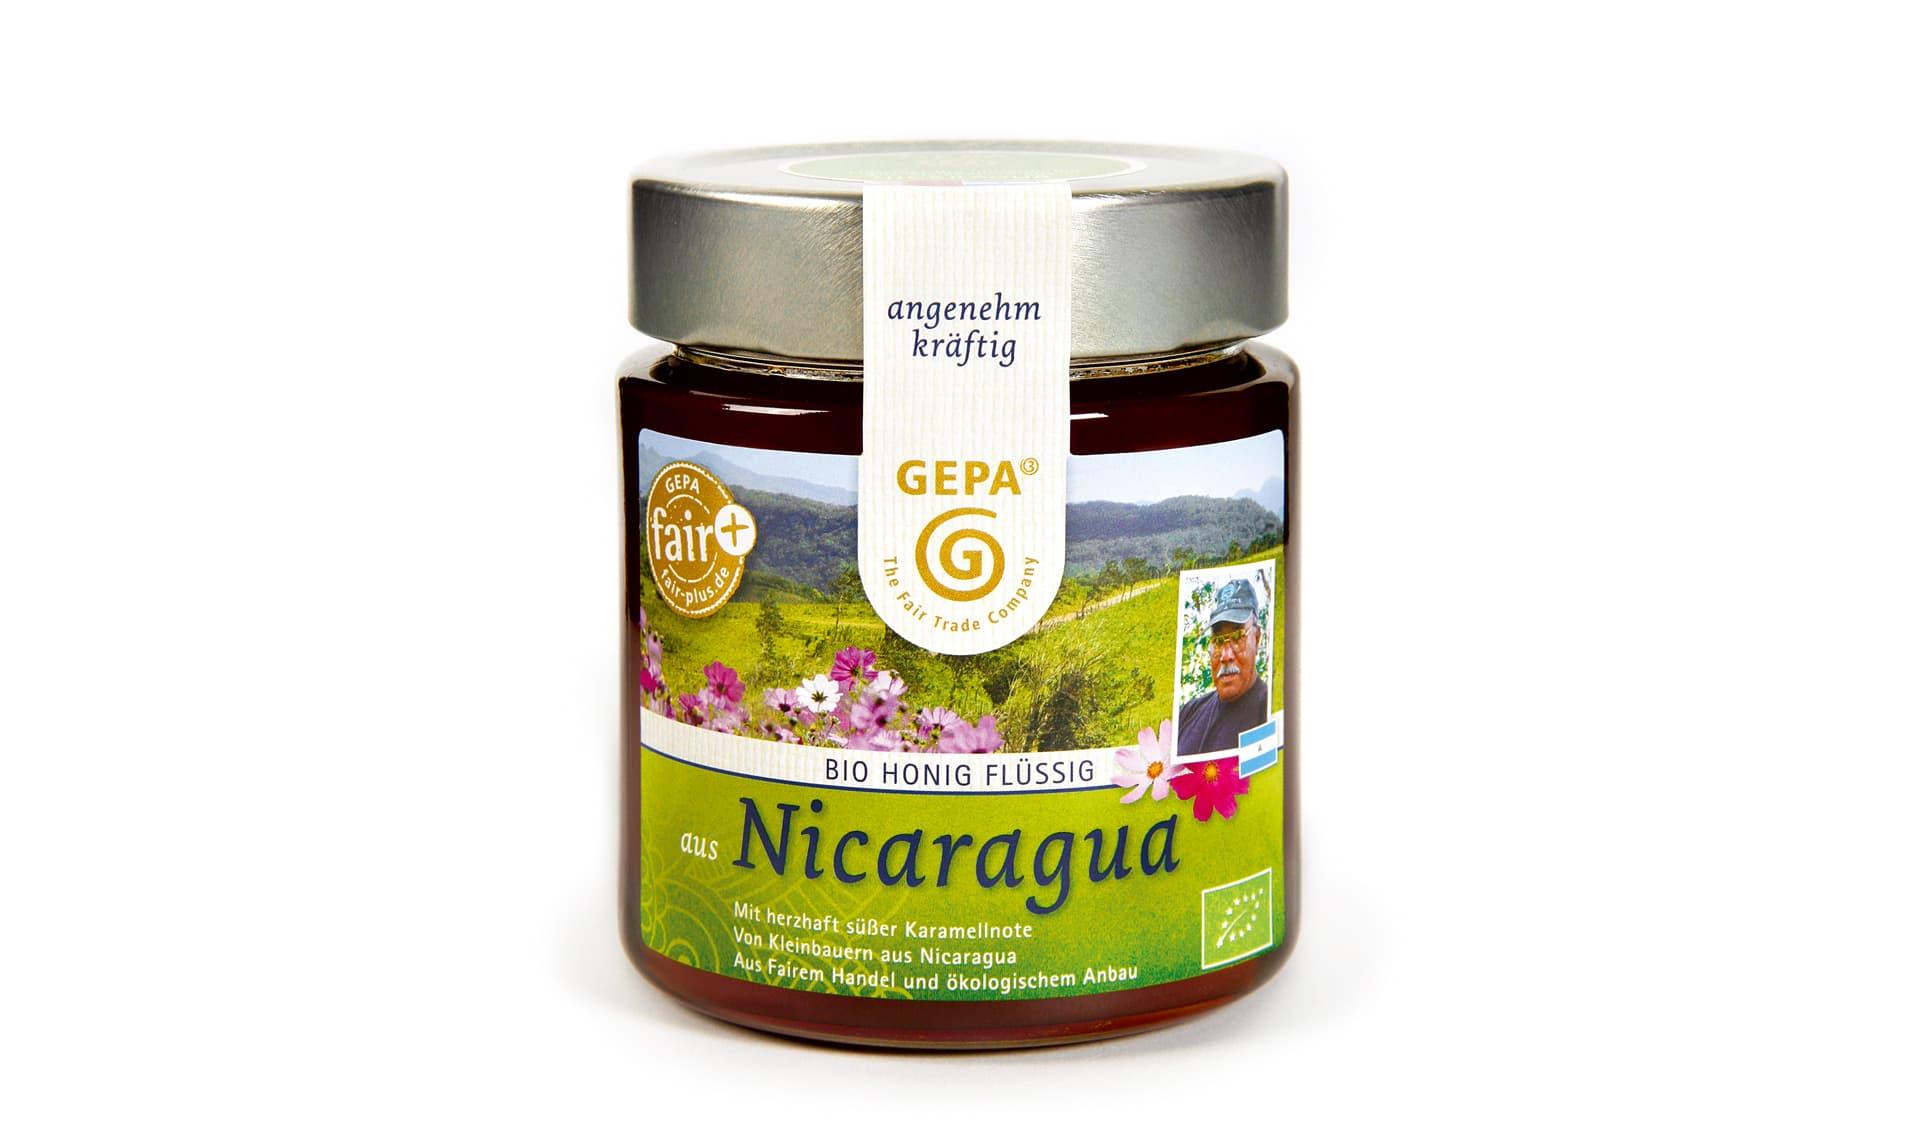 Gepa Nicaragua Honig (www.gepa.de)